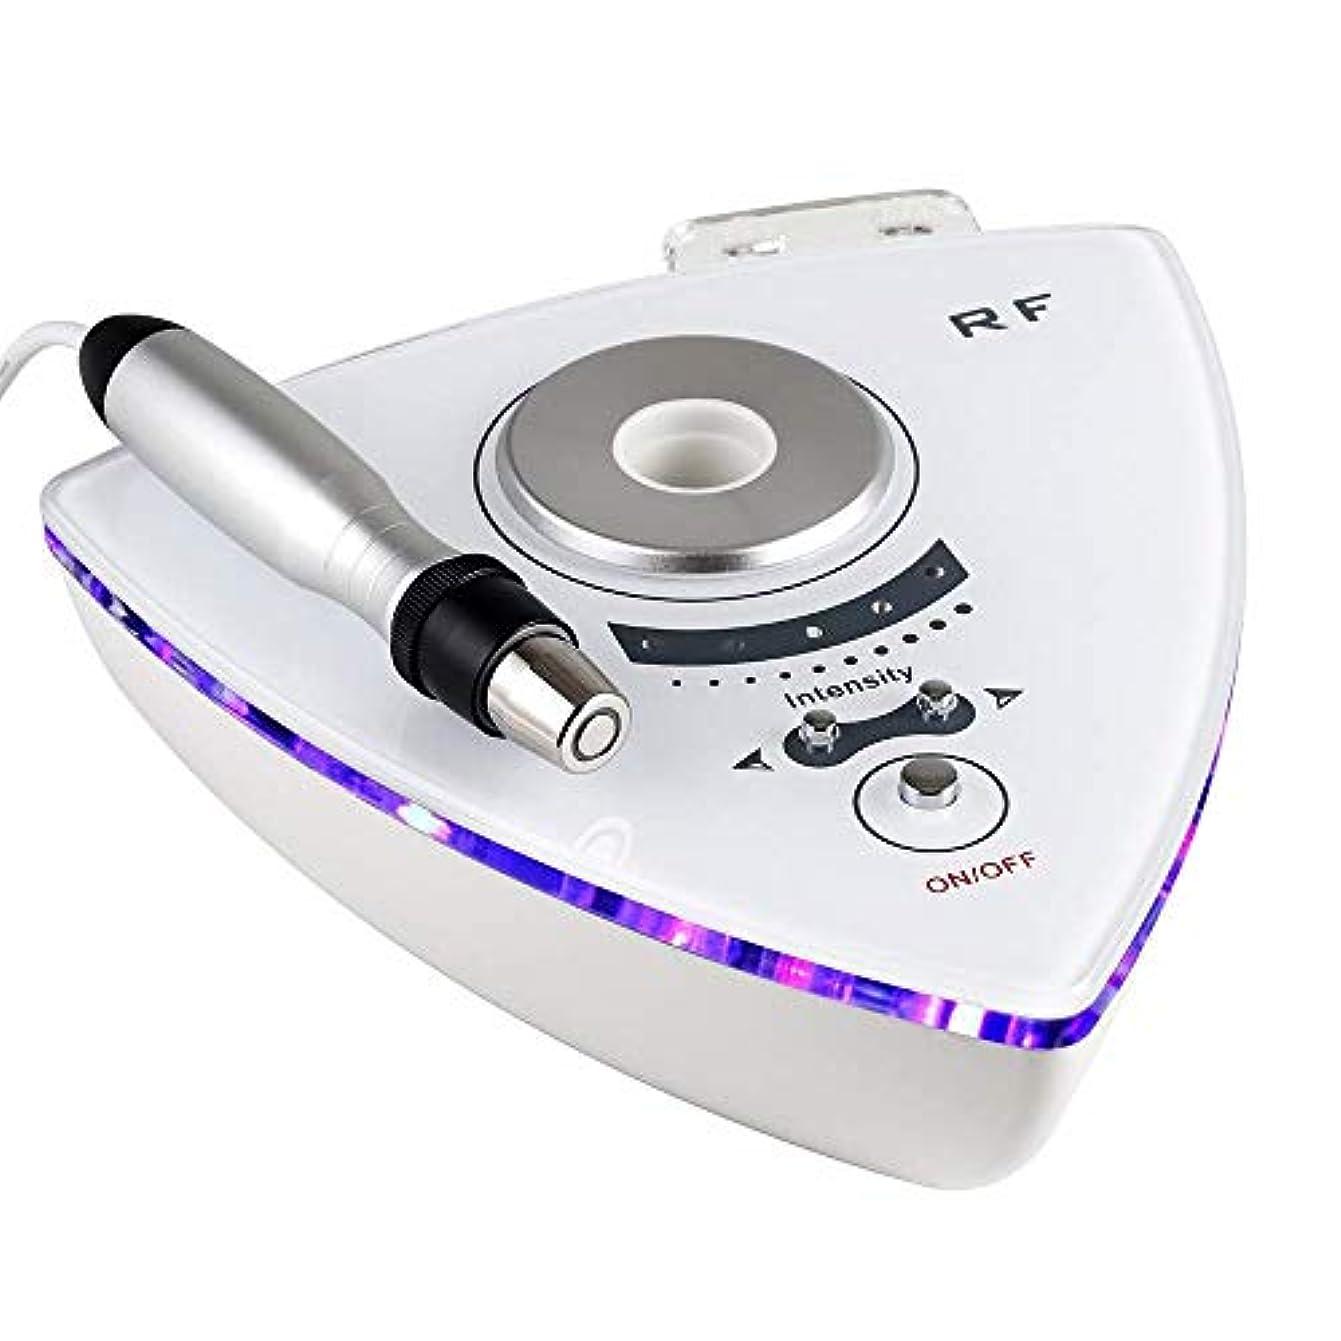 願望ぺディカブ移動RF無線周波数の美顔術機械、反老化のスキンケアをきつく締める皮の若返りのしわの取り外しの皮のための家の使用携帯用美顔術機械